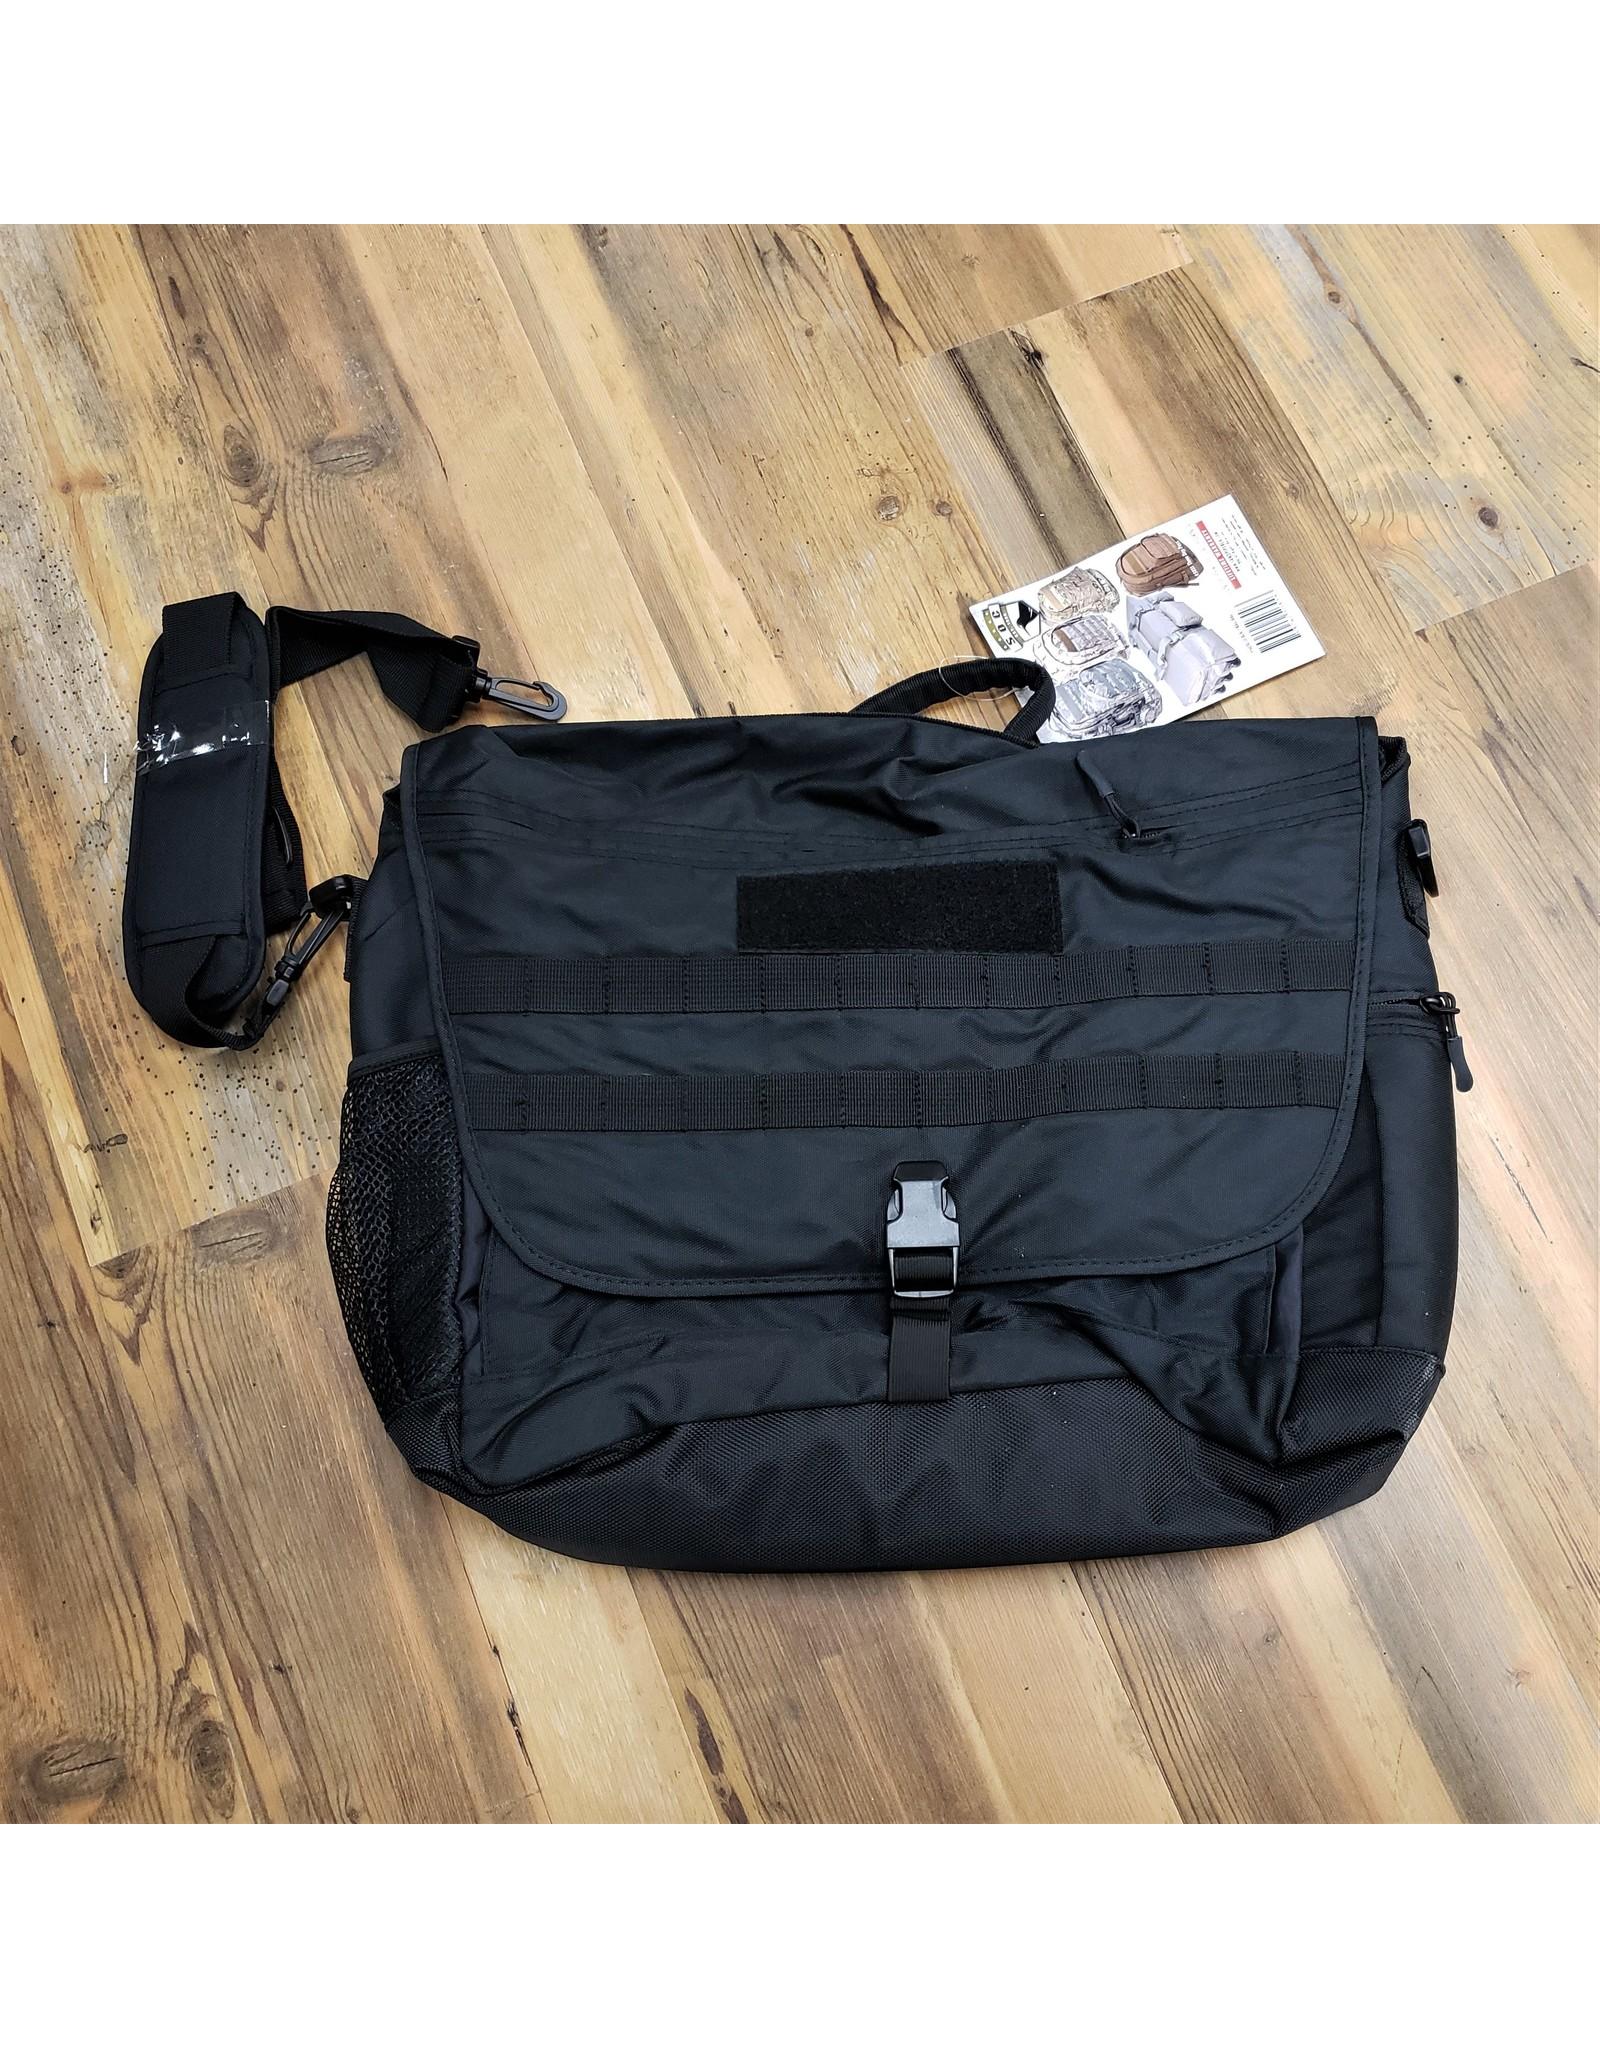 SCHWARTZMAN EXPORT IMPORT SANDPIPER  Frag II Bag-BLACK